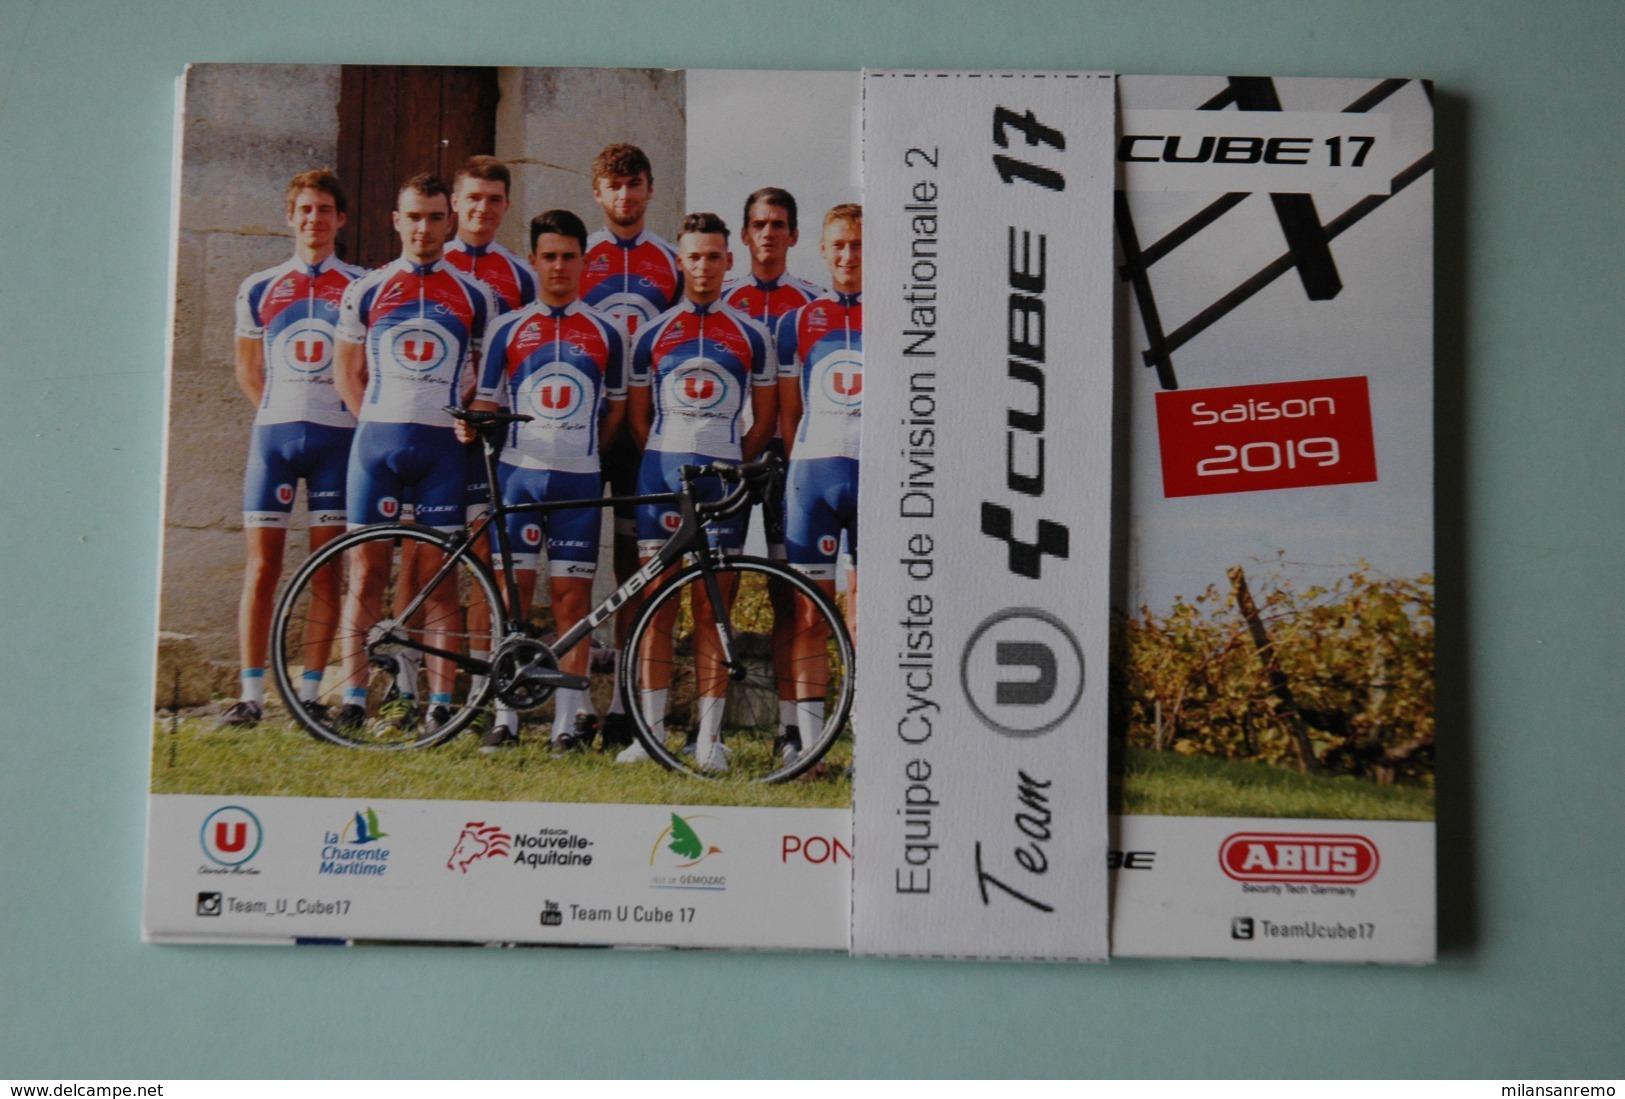 CYCLISME: CYCLISTE : EQUIPE TEAM CUBE U 17 2019 COMPLETE - Ciclismo